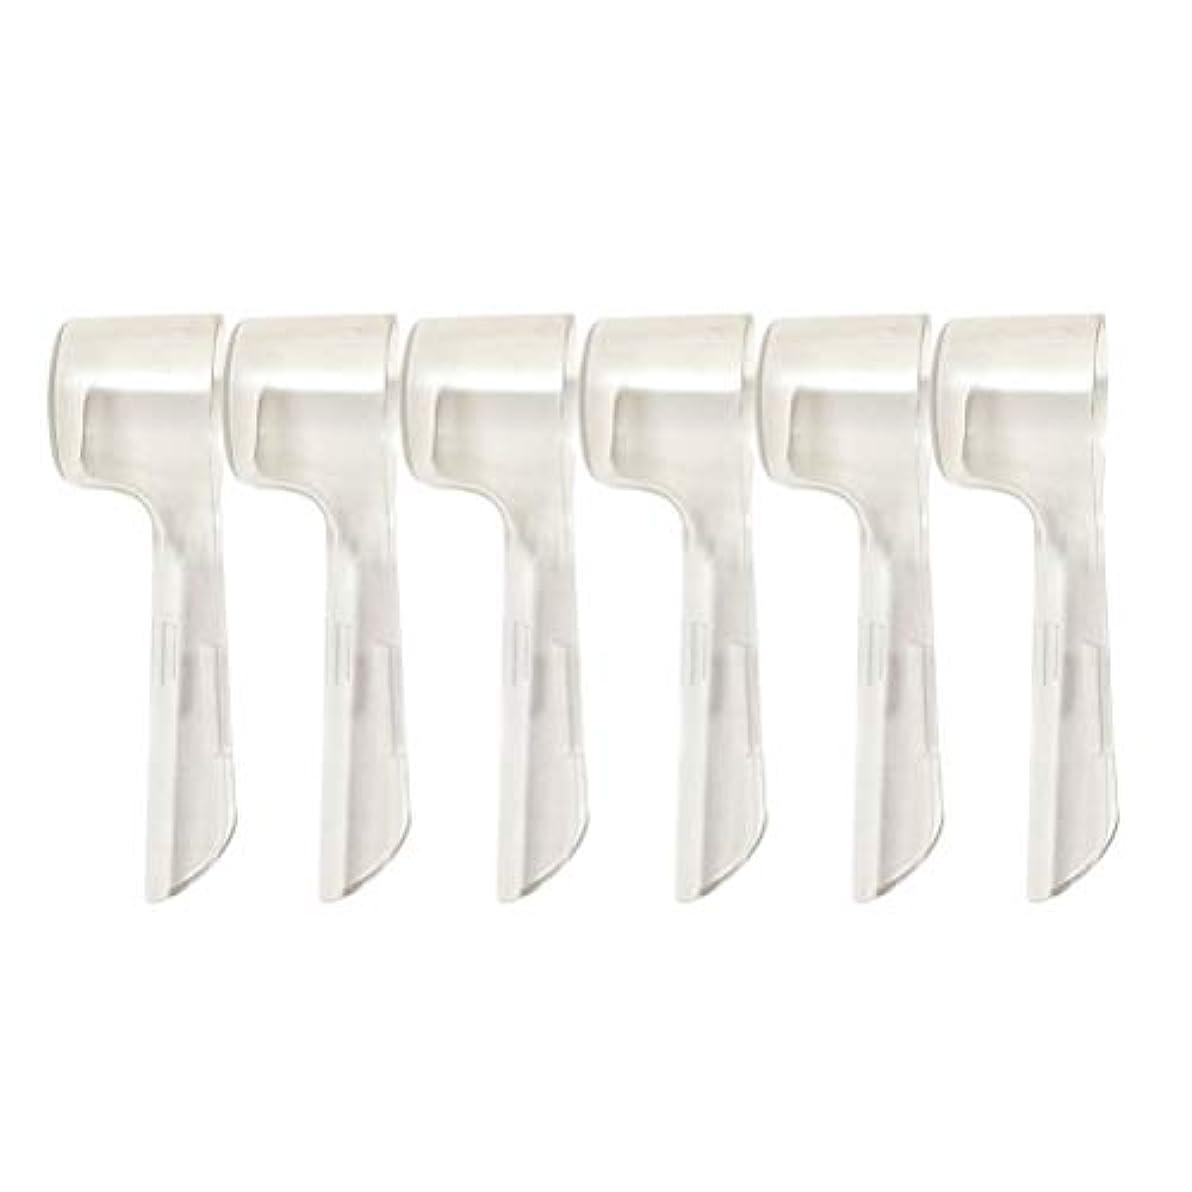 三閉塞架空のHealifty 10本の歯ブラシカバー電動歯ブラシは旅行やその他の衛生に便利です。